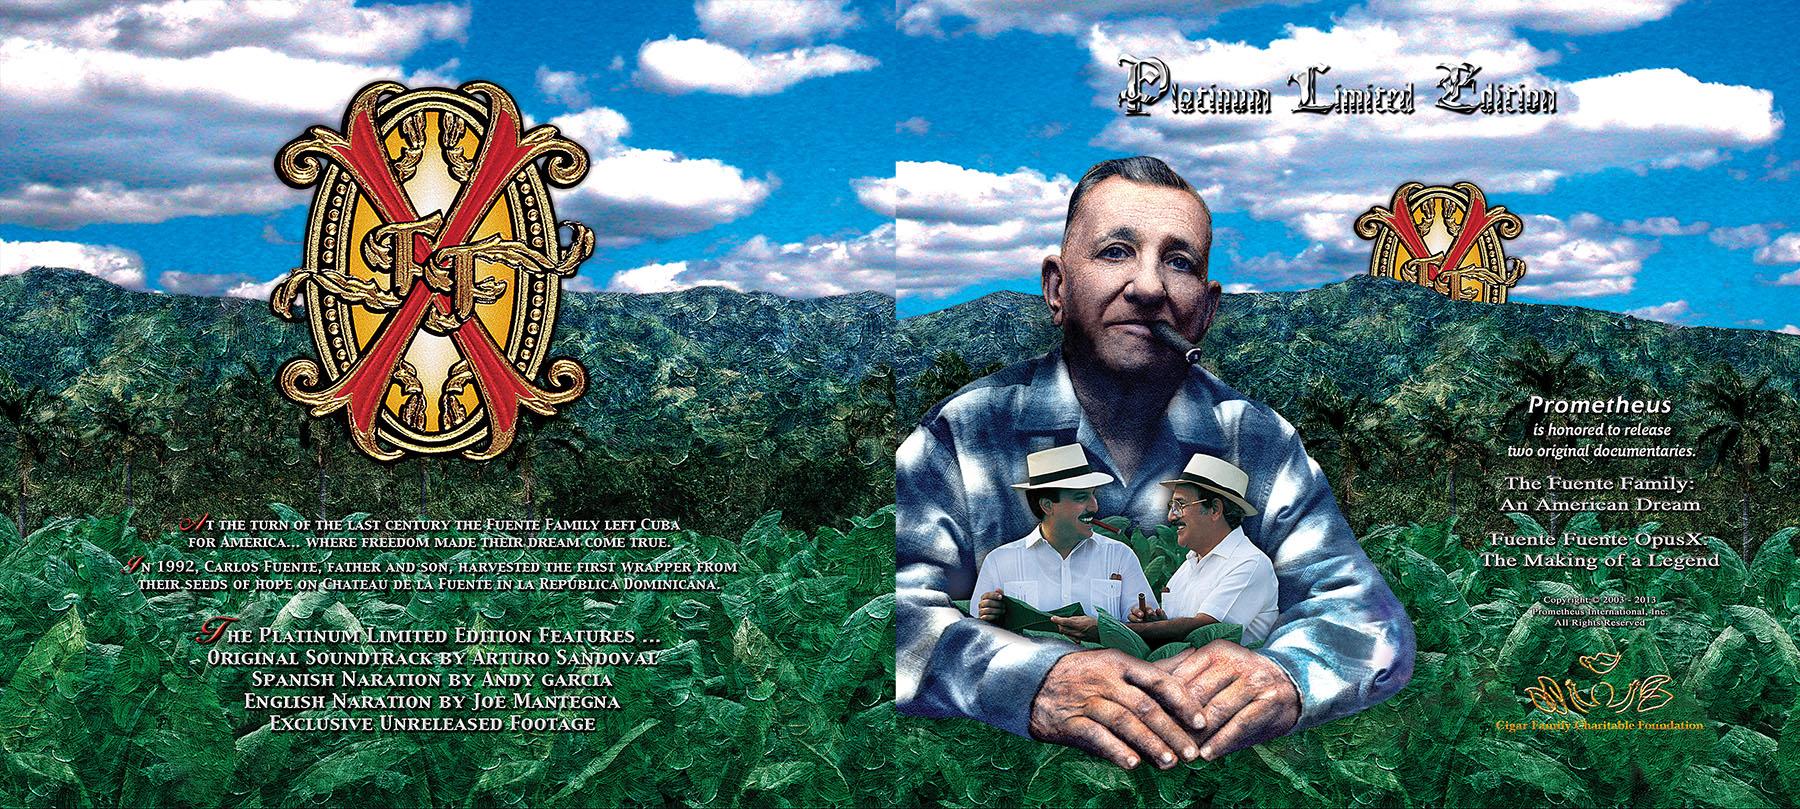 dvd-cover-1800.jpg